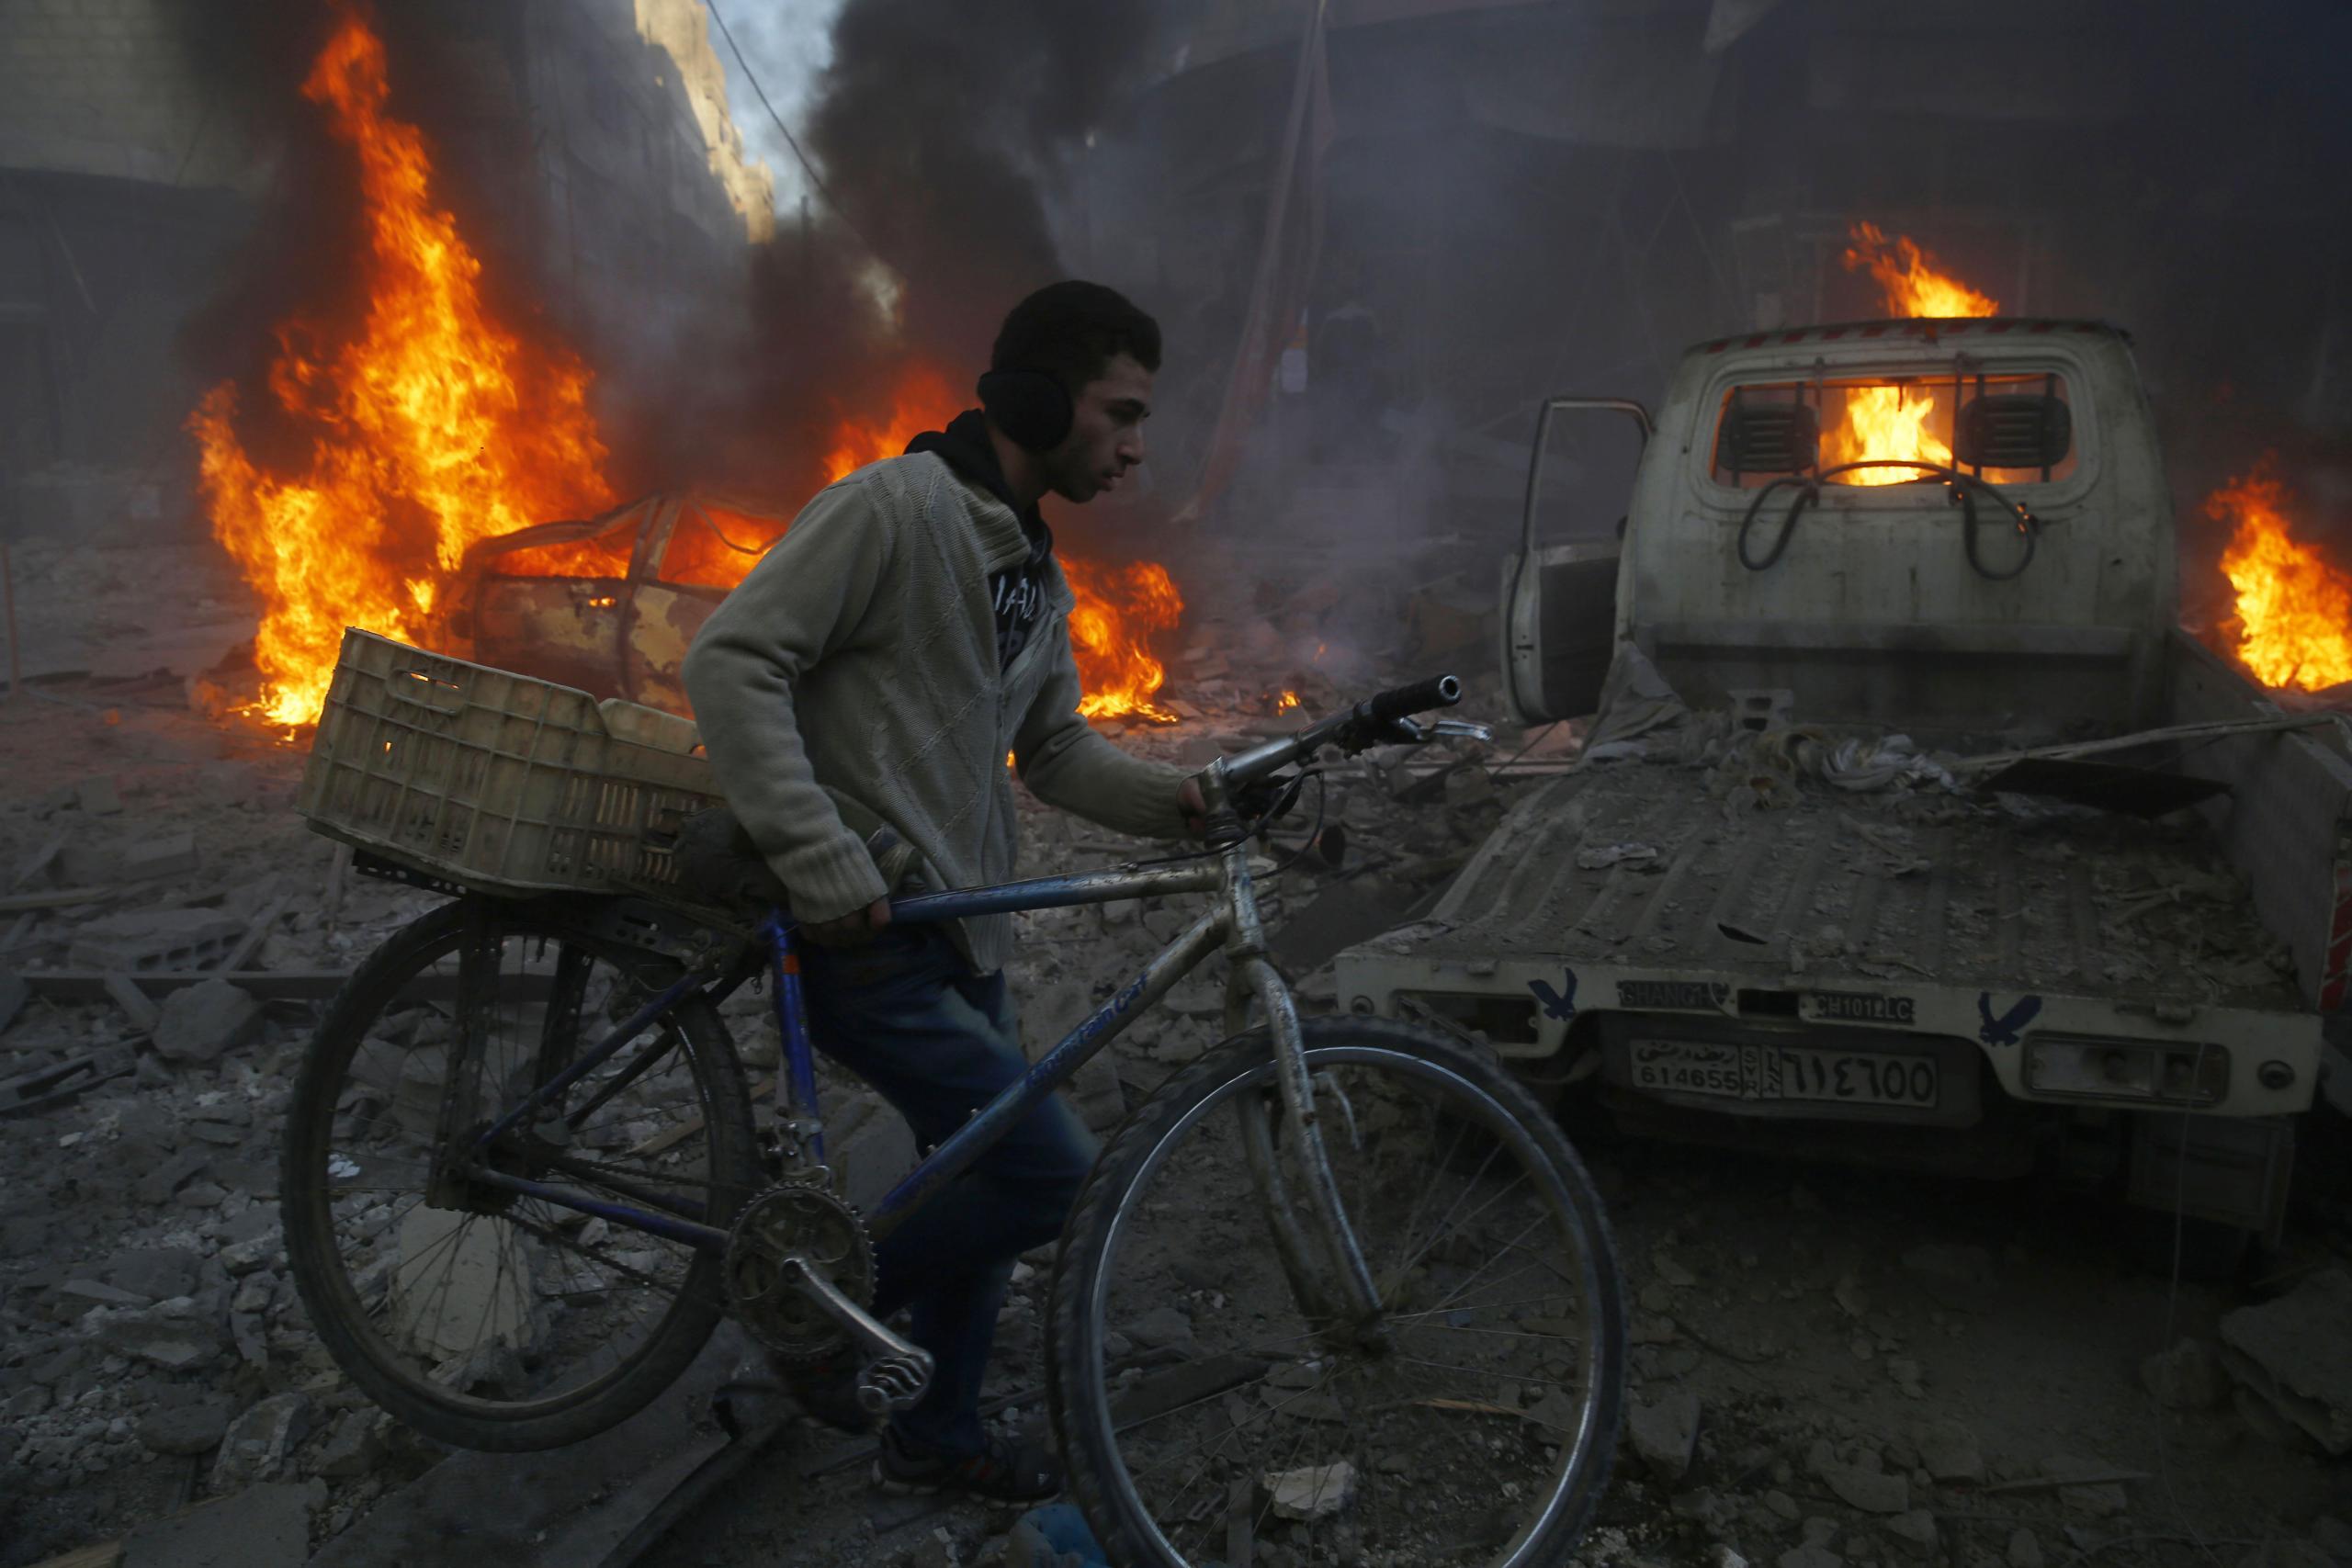 Sameer Al-Doumy, Syria, 2015, Agence France-Presse)